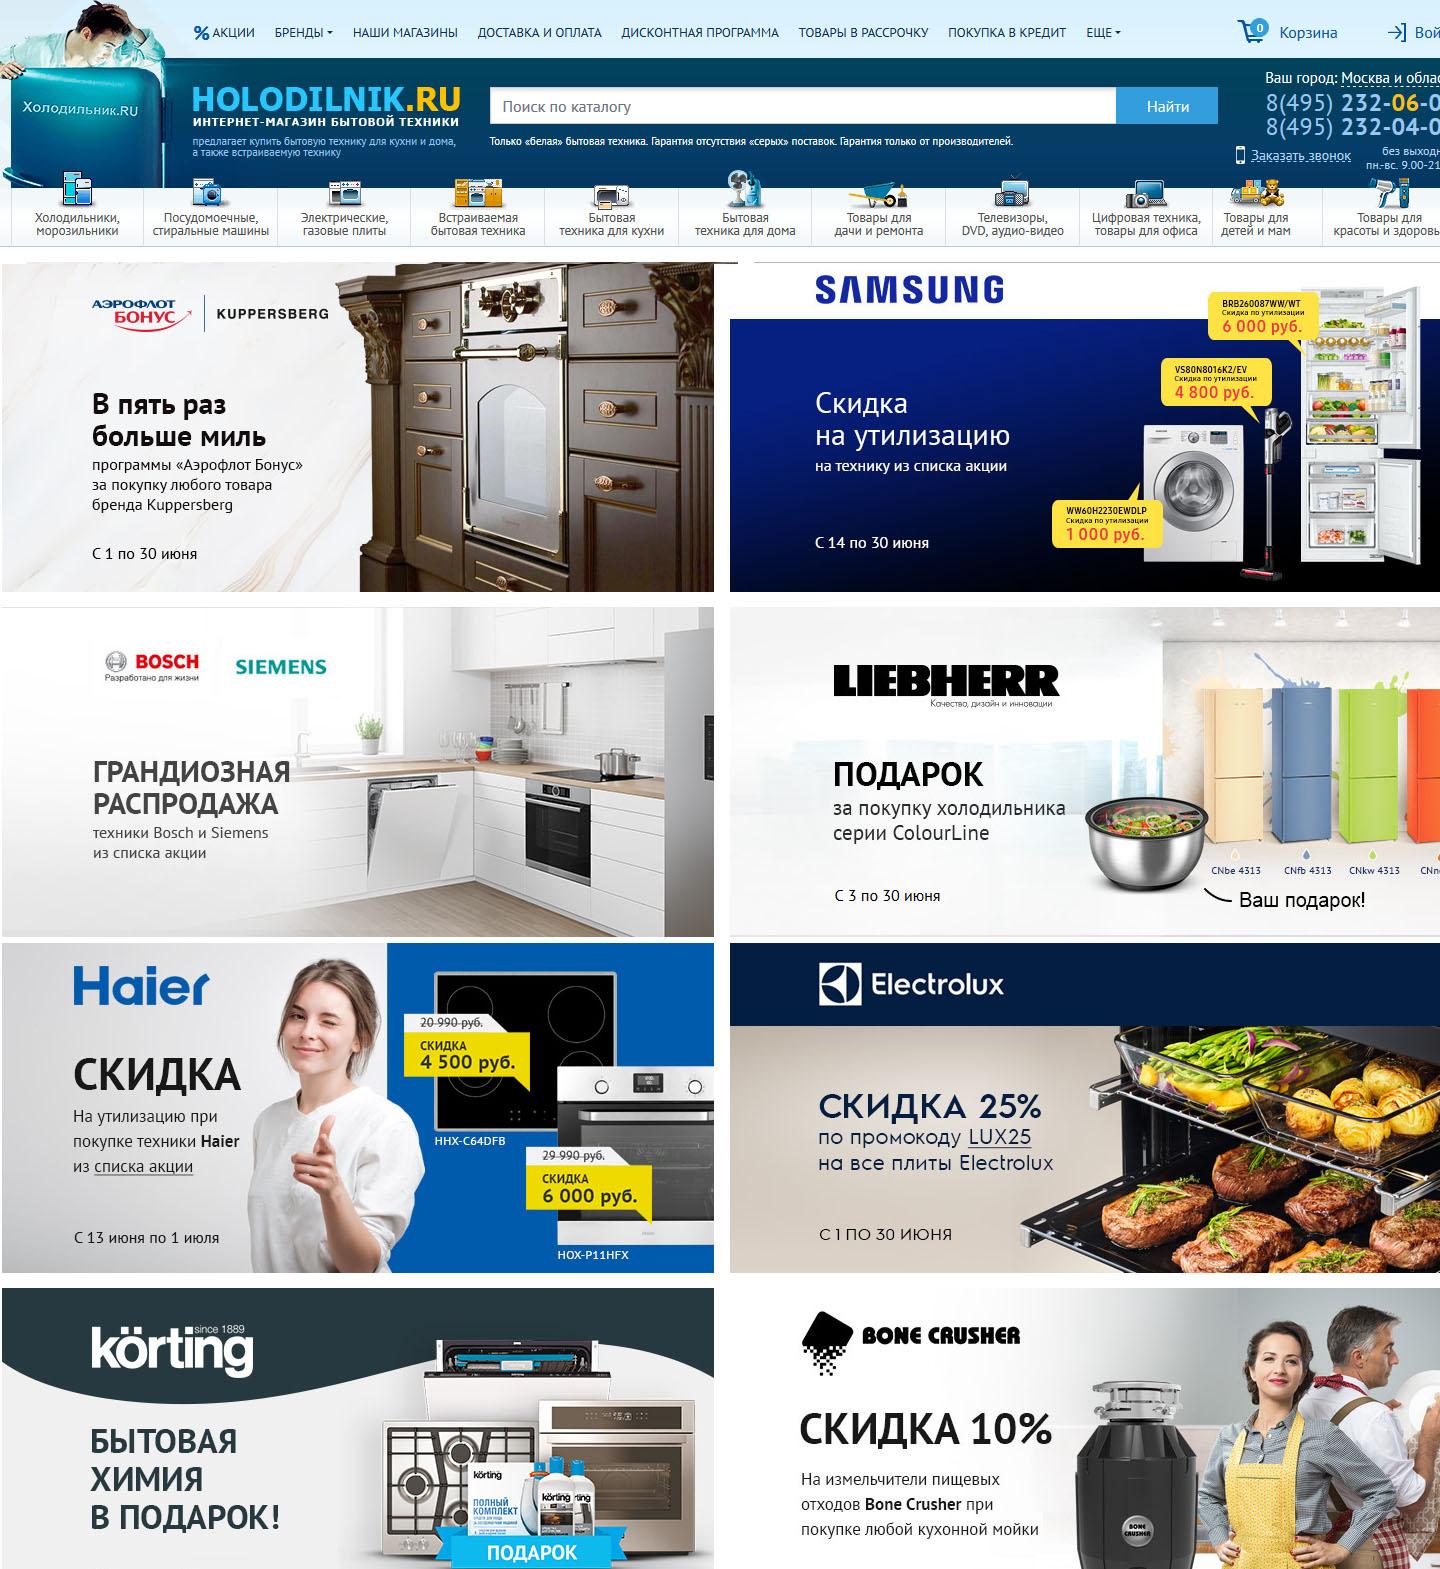 Интернет-магазин Холодильник Ру